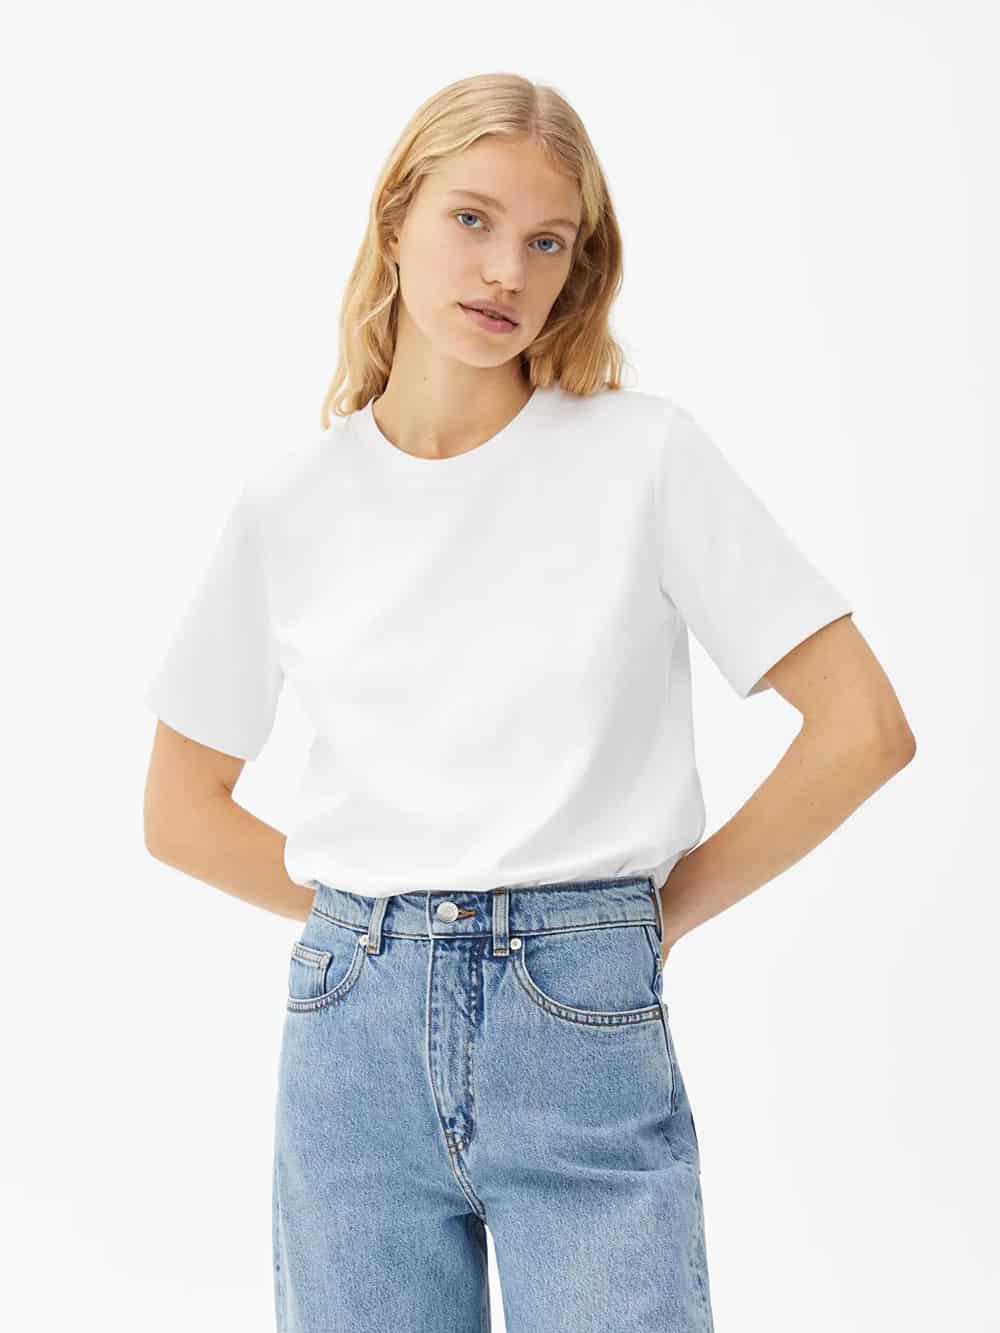 7 savršenih: Arket bijeli T-shirt za proljeće 2021.